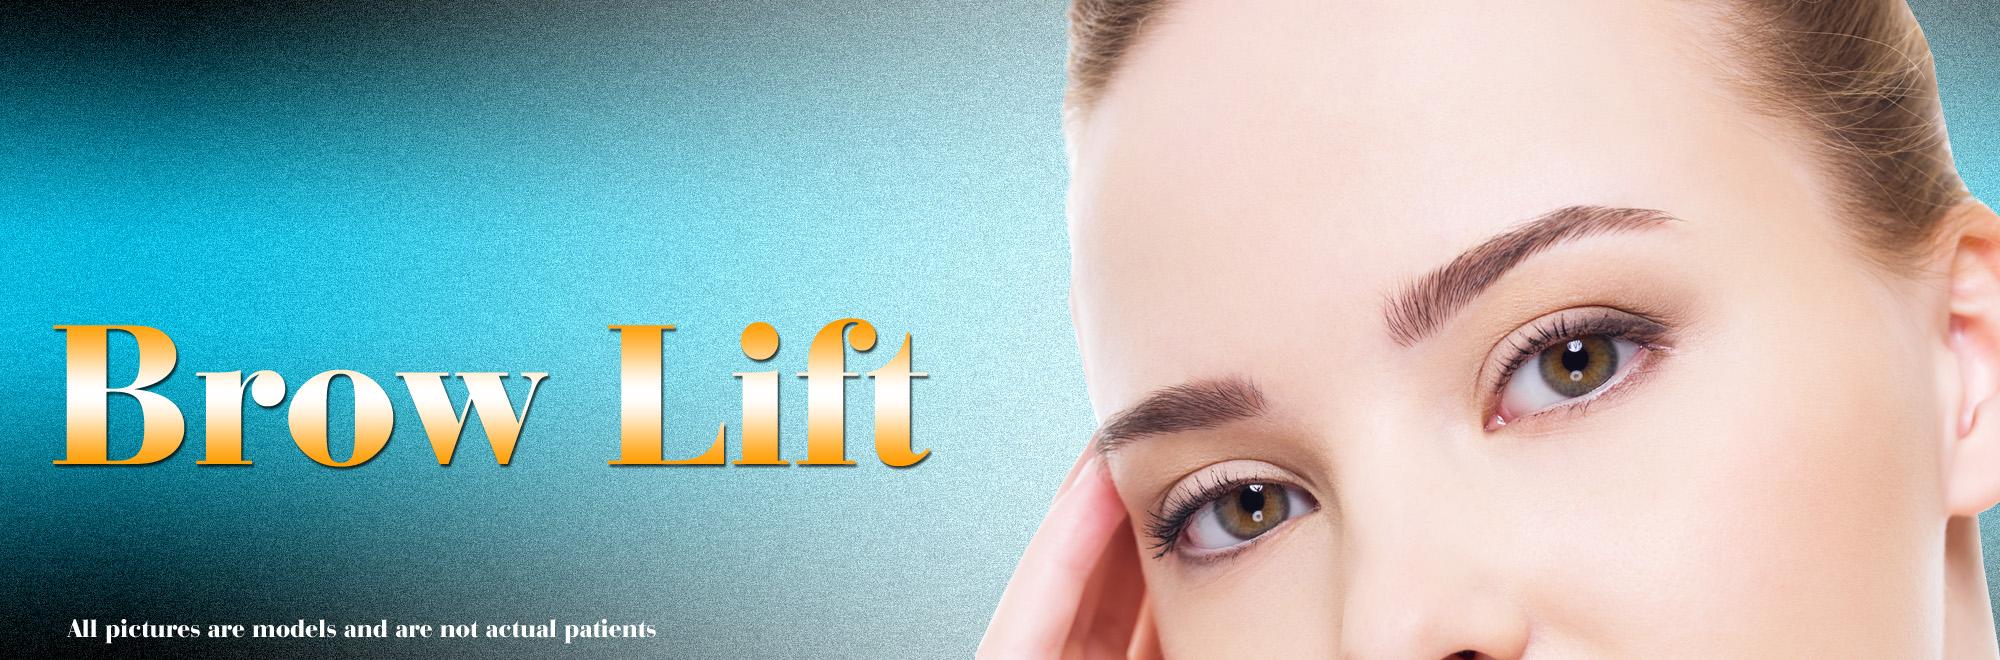 brow lift